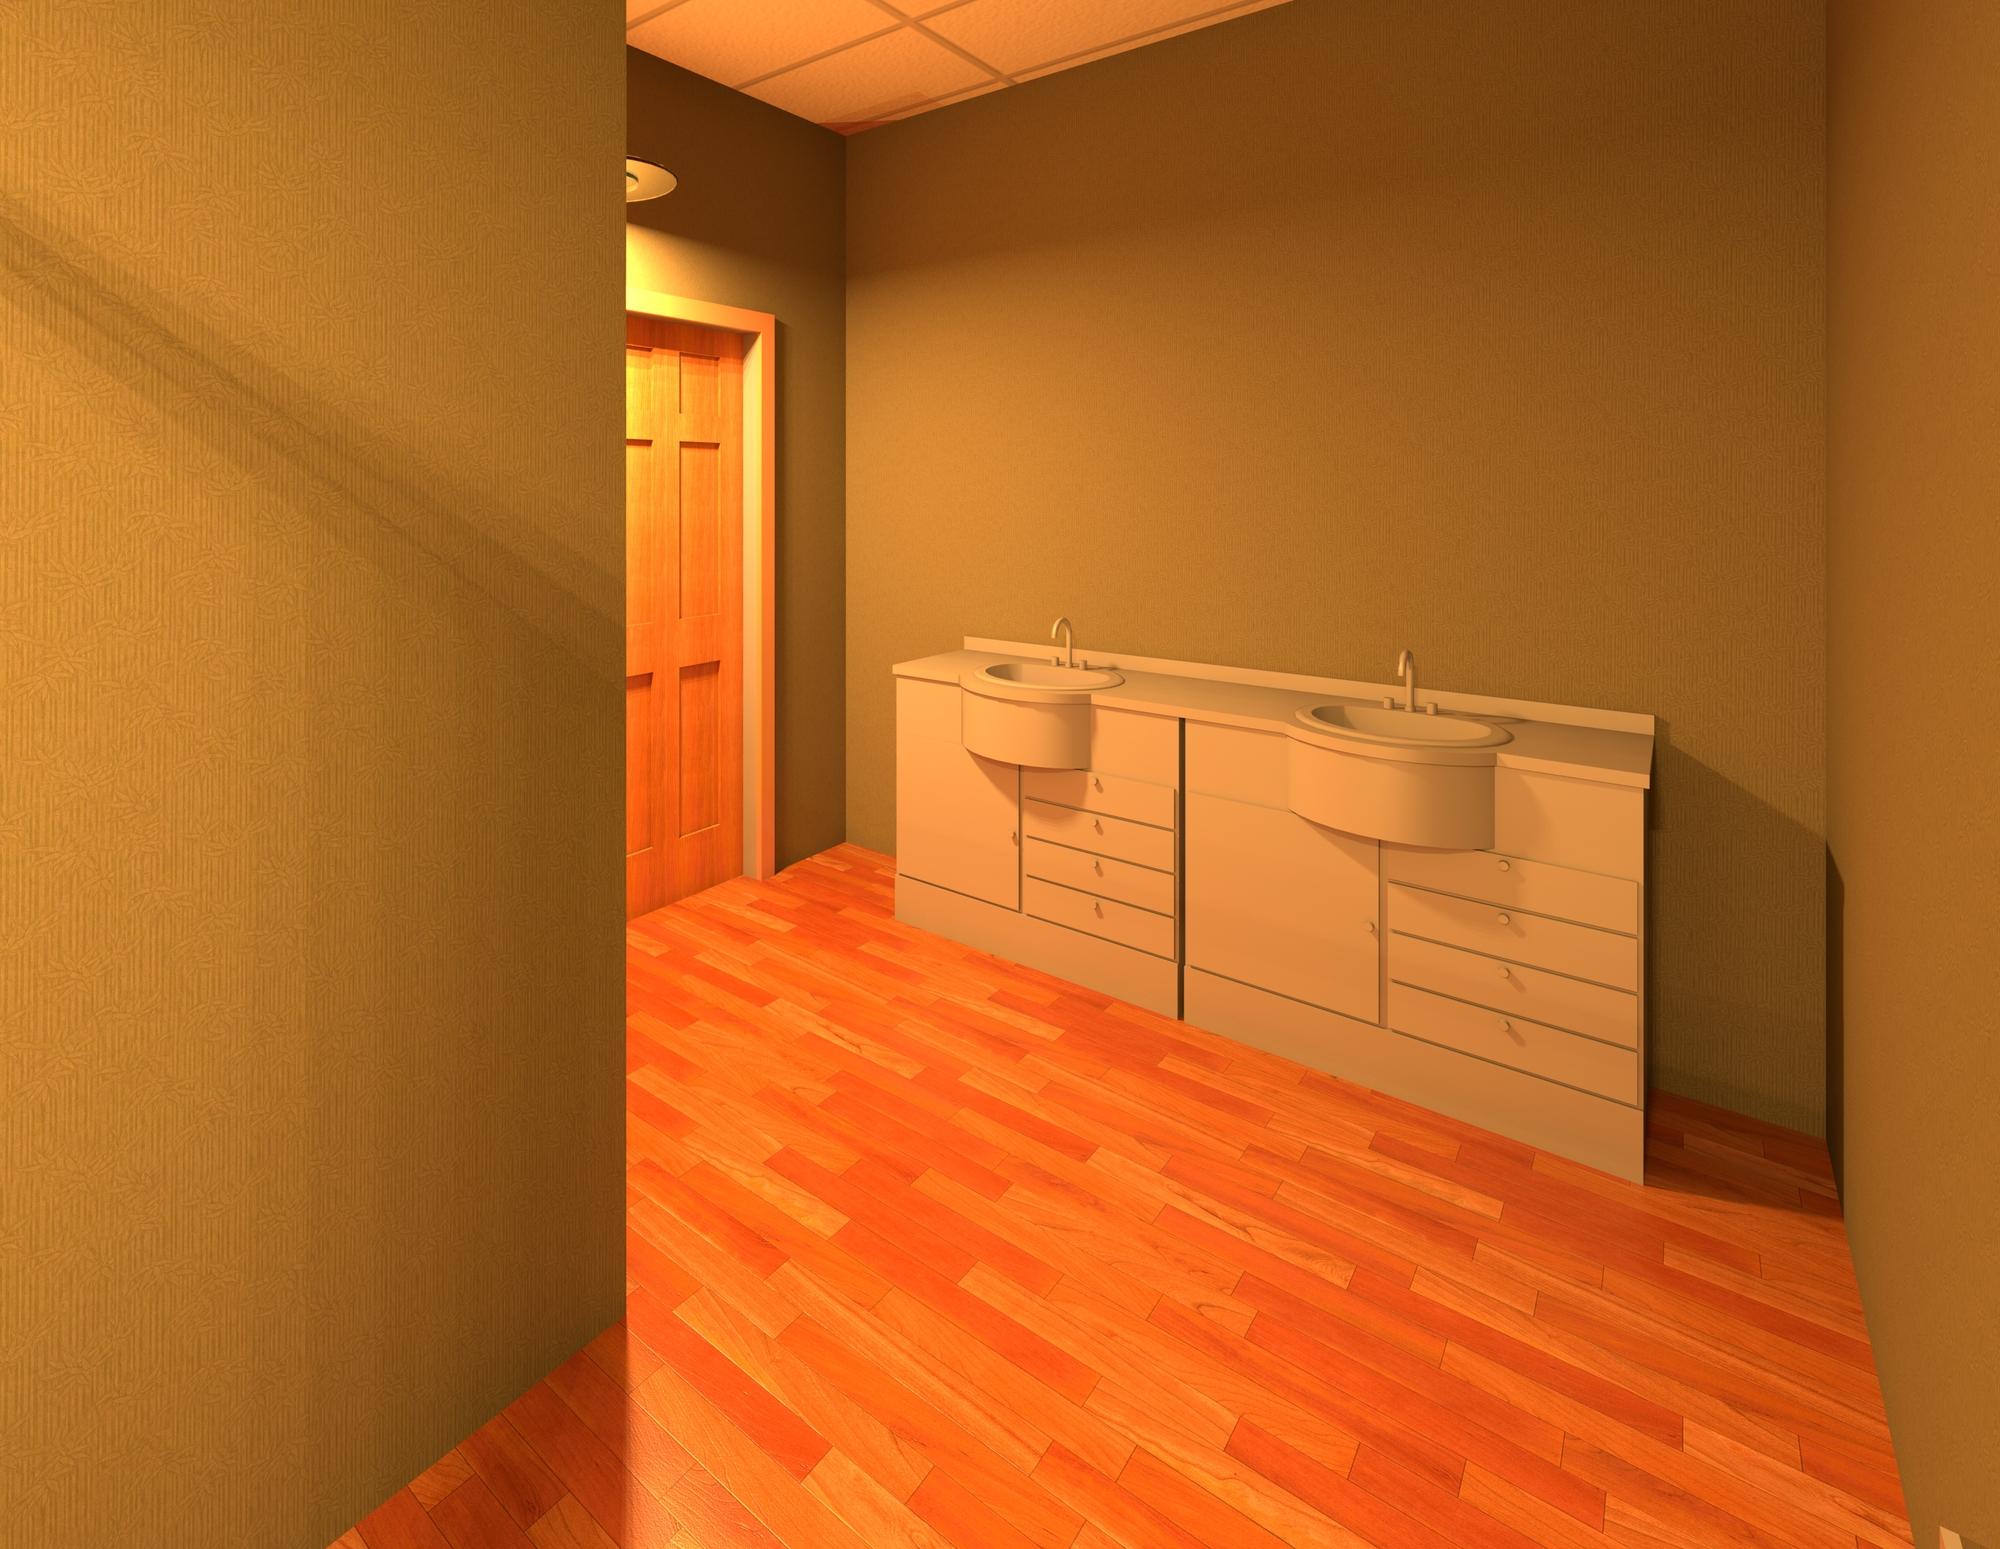 Raas-rendering20140930-6305-gwvj4u